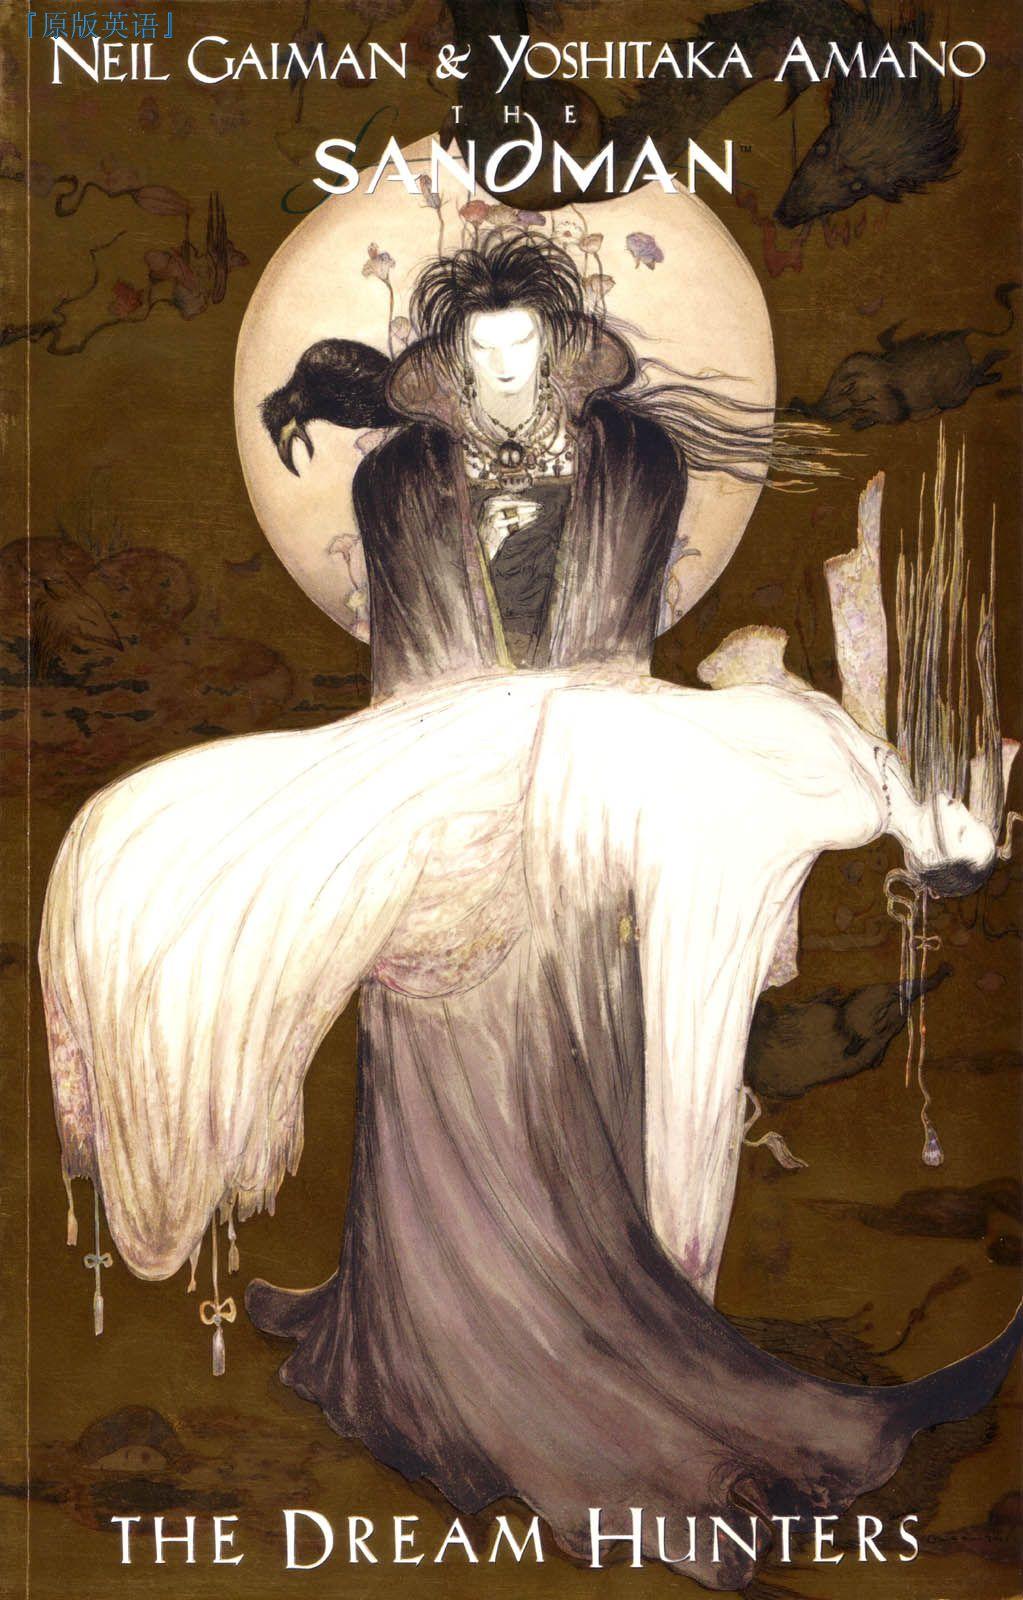 Art ID: 19215